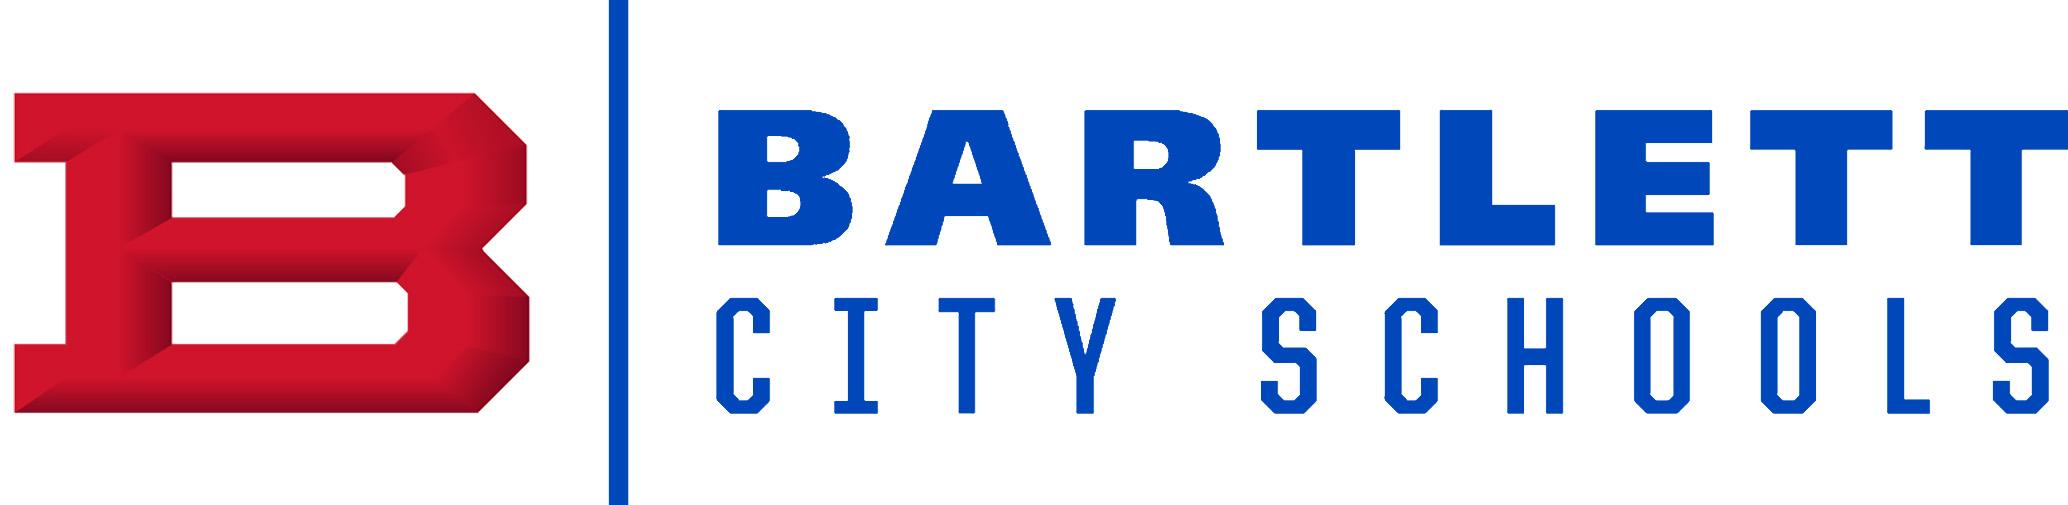 Bartlett City Schools Company Logo